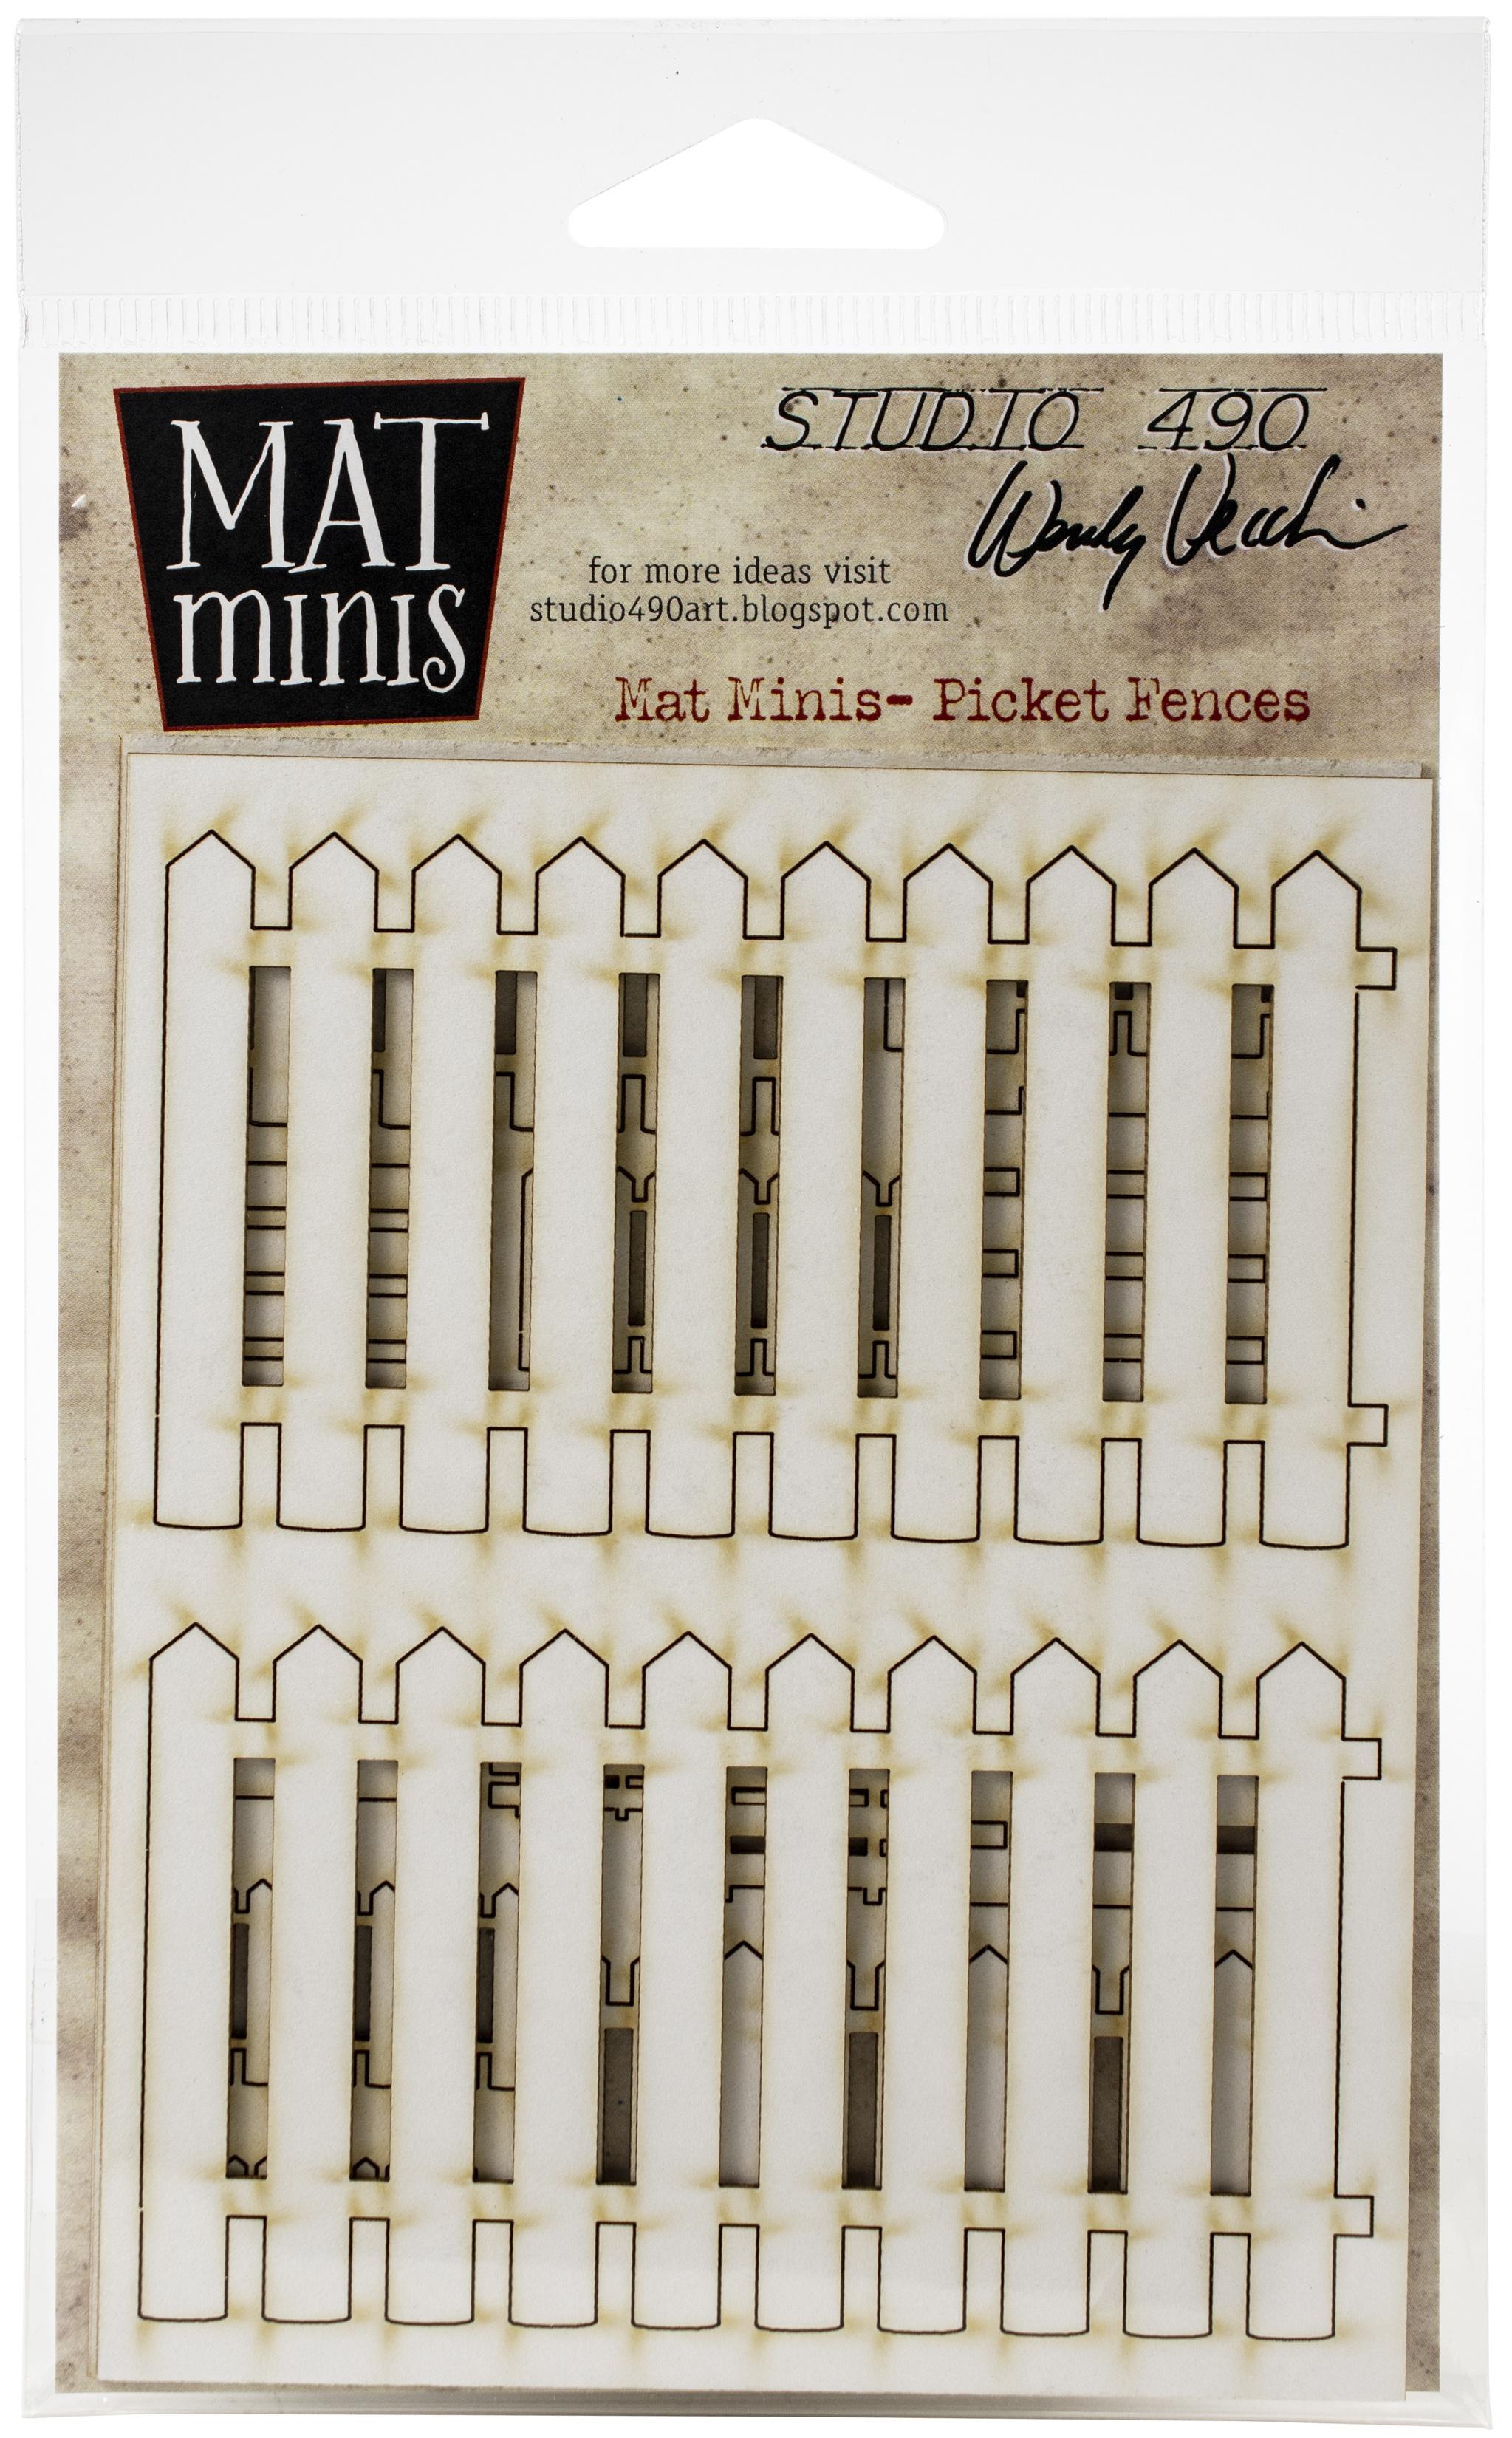 ^Studio 490 - Wendy Vecchi Laser Cut Mat Minis - Picket Fences